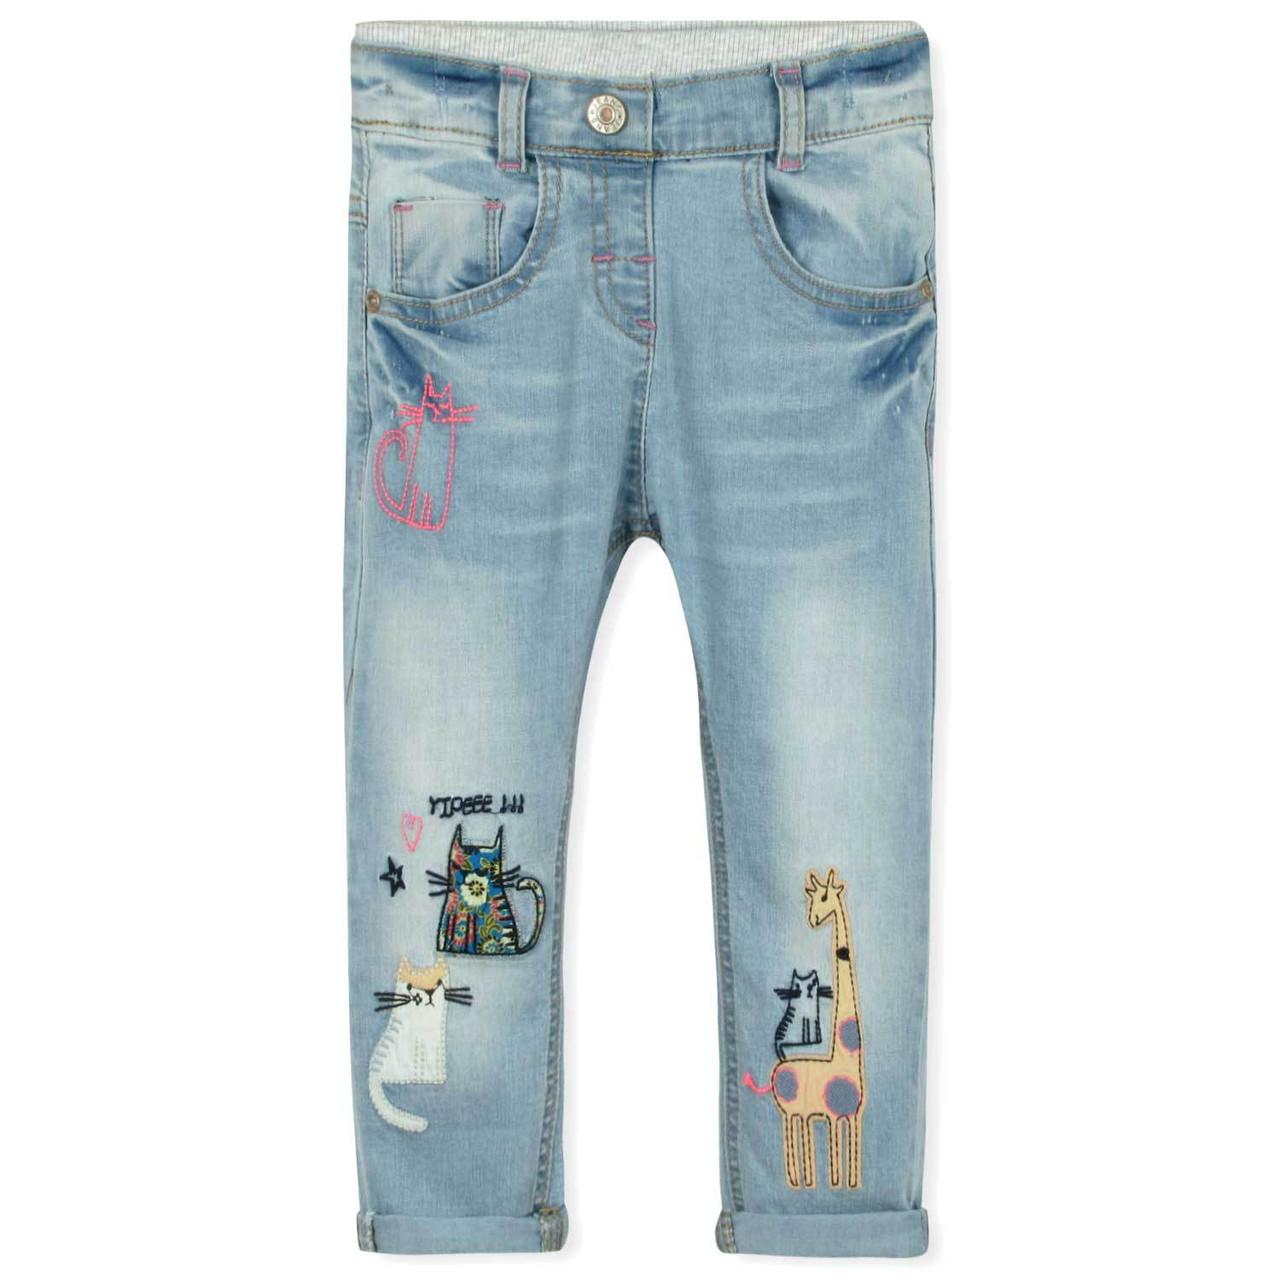 Модные джинсы для девочки на резинке Little Maven, для худышек (р.80/86)